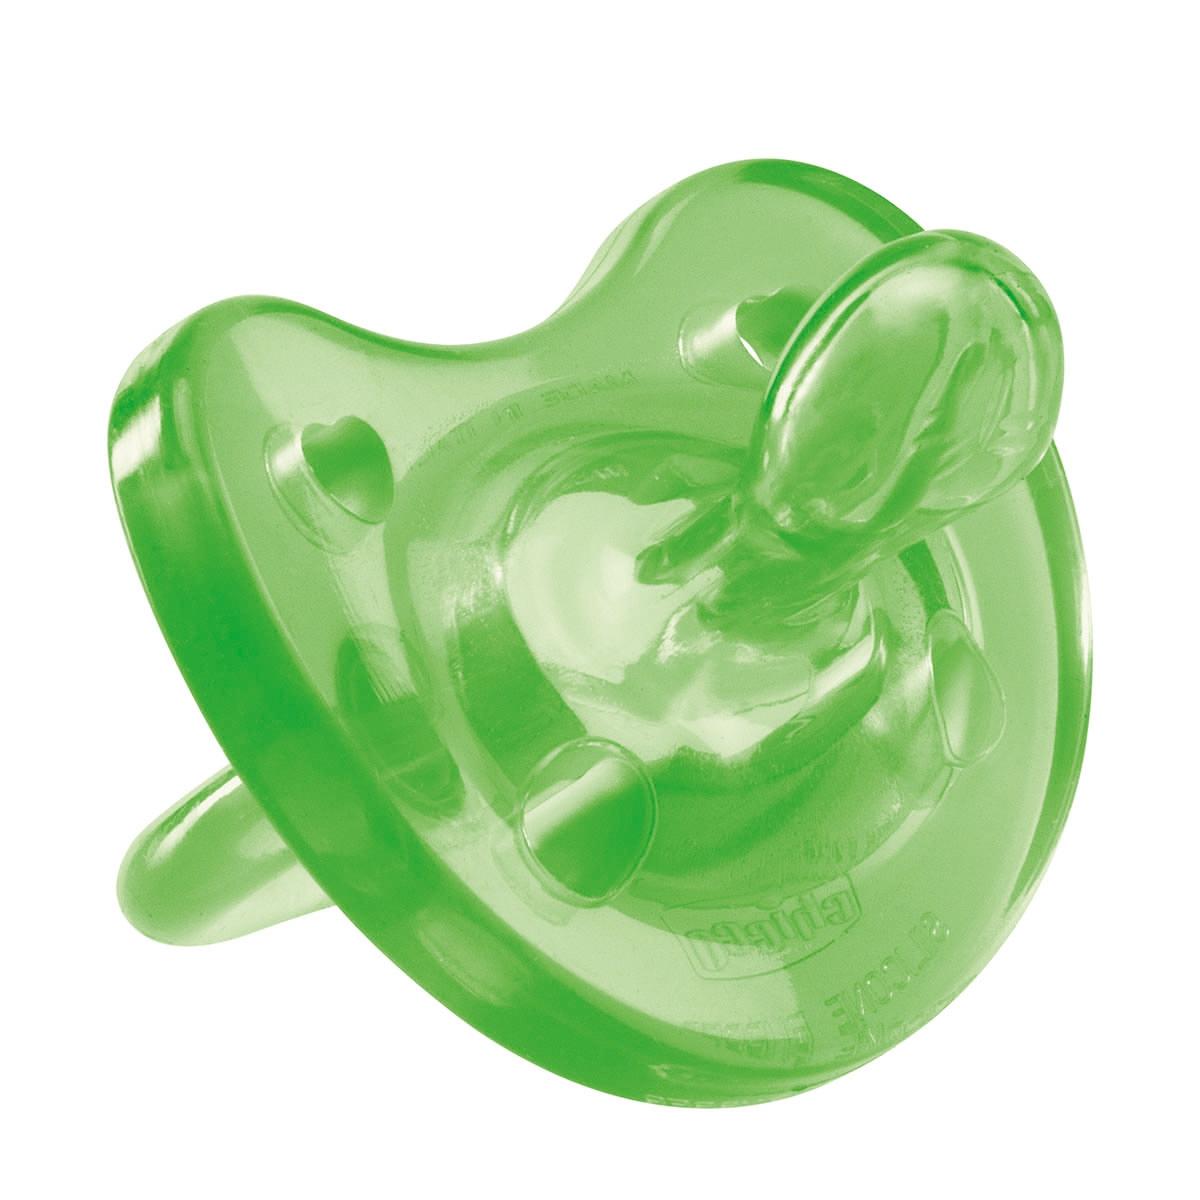 Chicco Пустышка Physio Soft силиконовая от 0 месяцев цвет зеленый